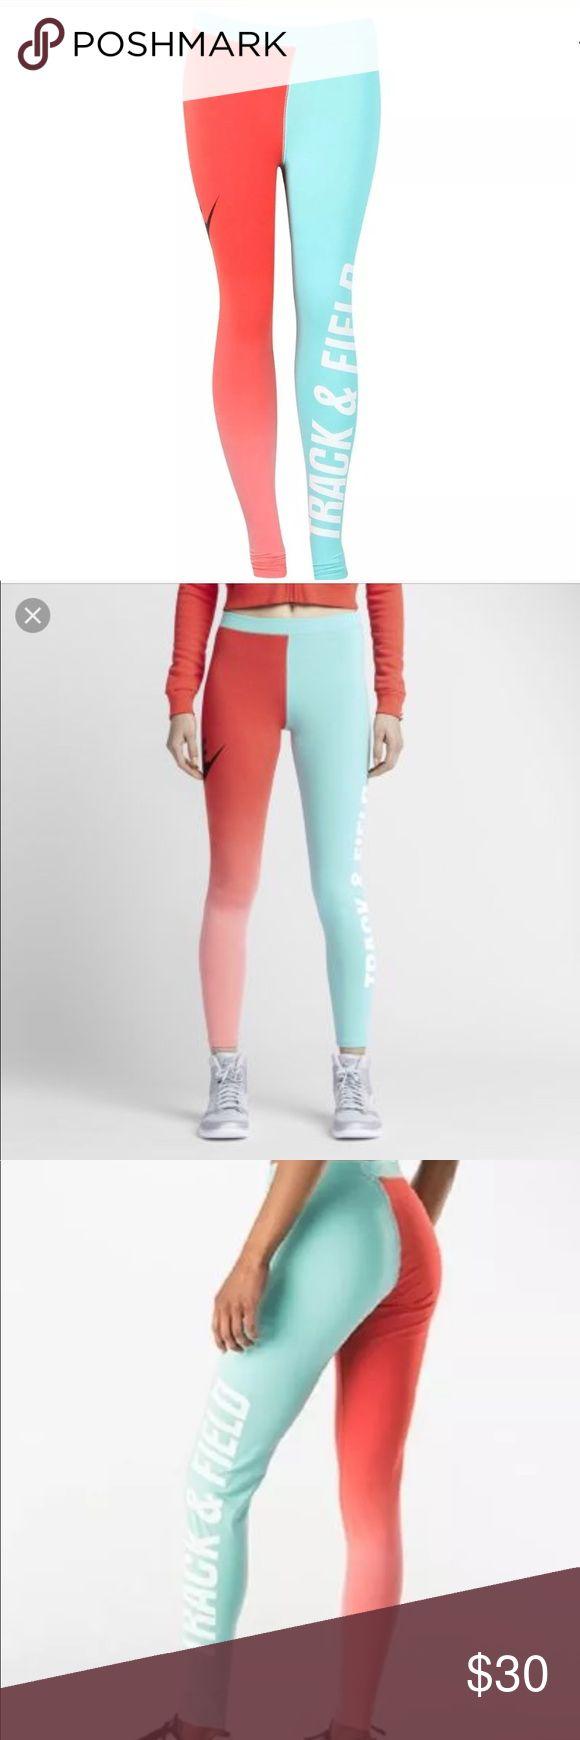 Women's Nike graphic track and field leggings  <title>Les 252 meilleures images du tableau My Posh Closet sur Pinterest</title> </path> </symbol> <symbol id=